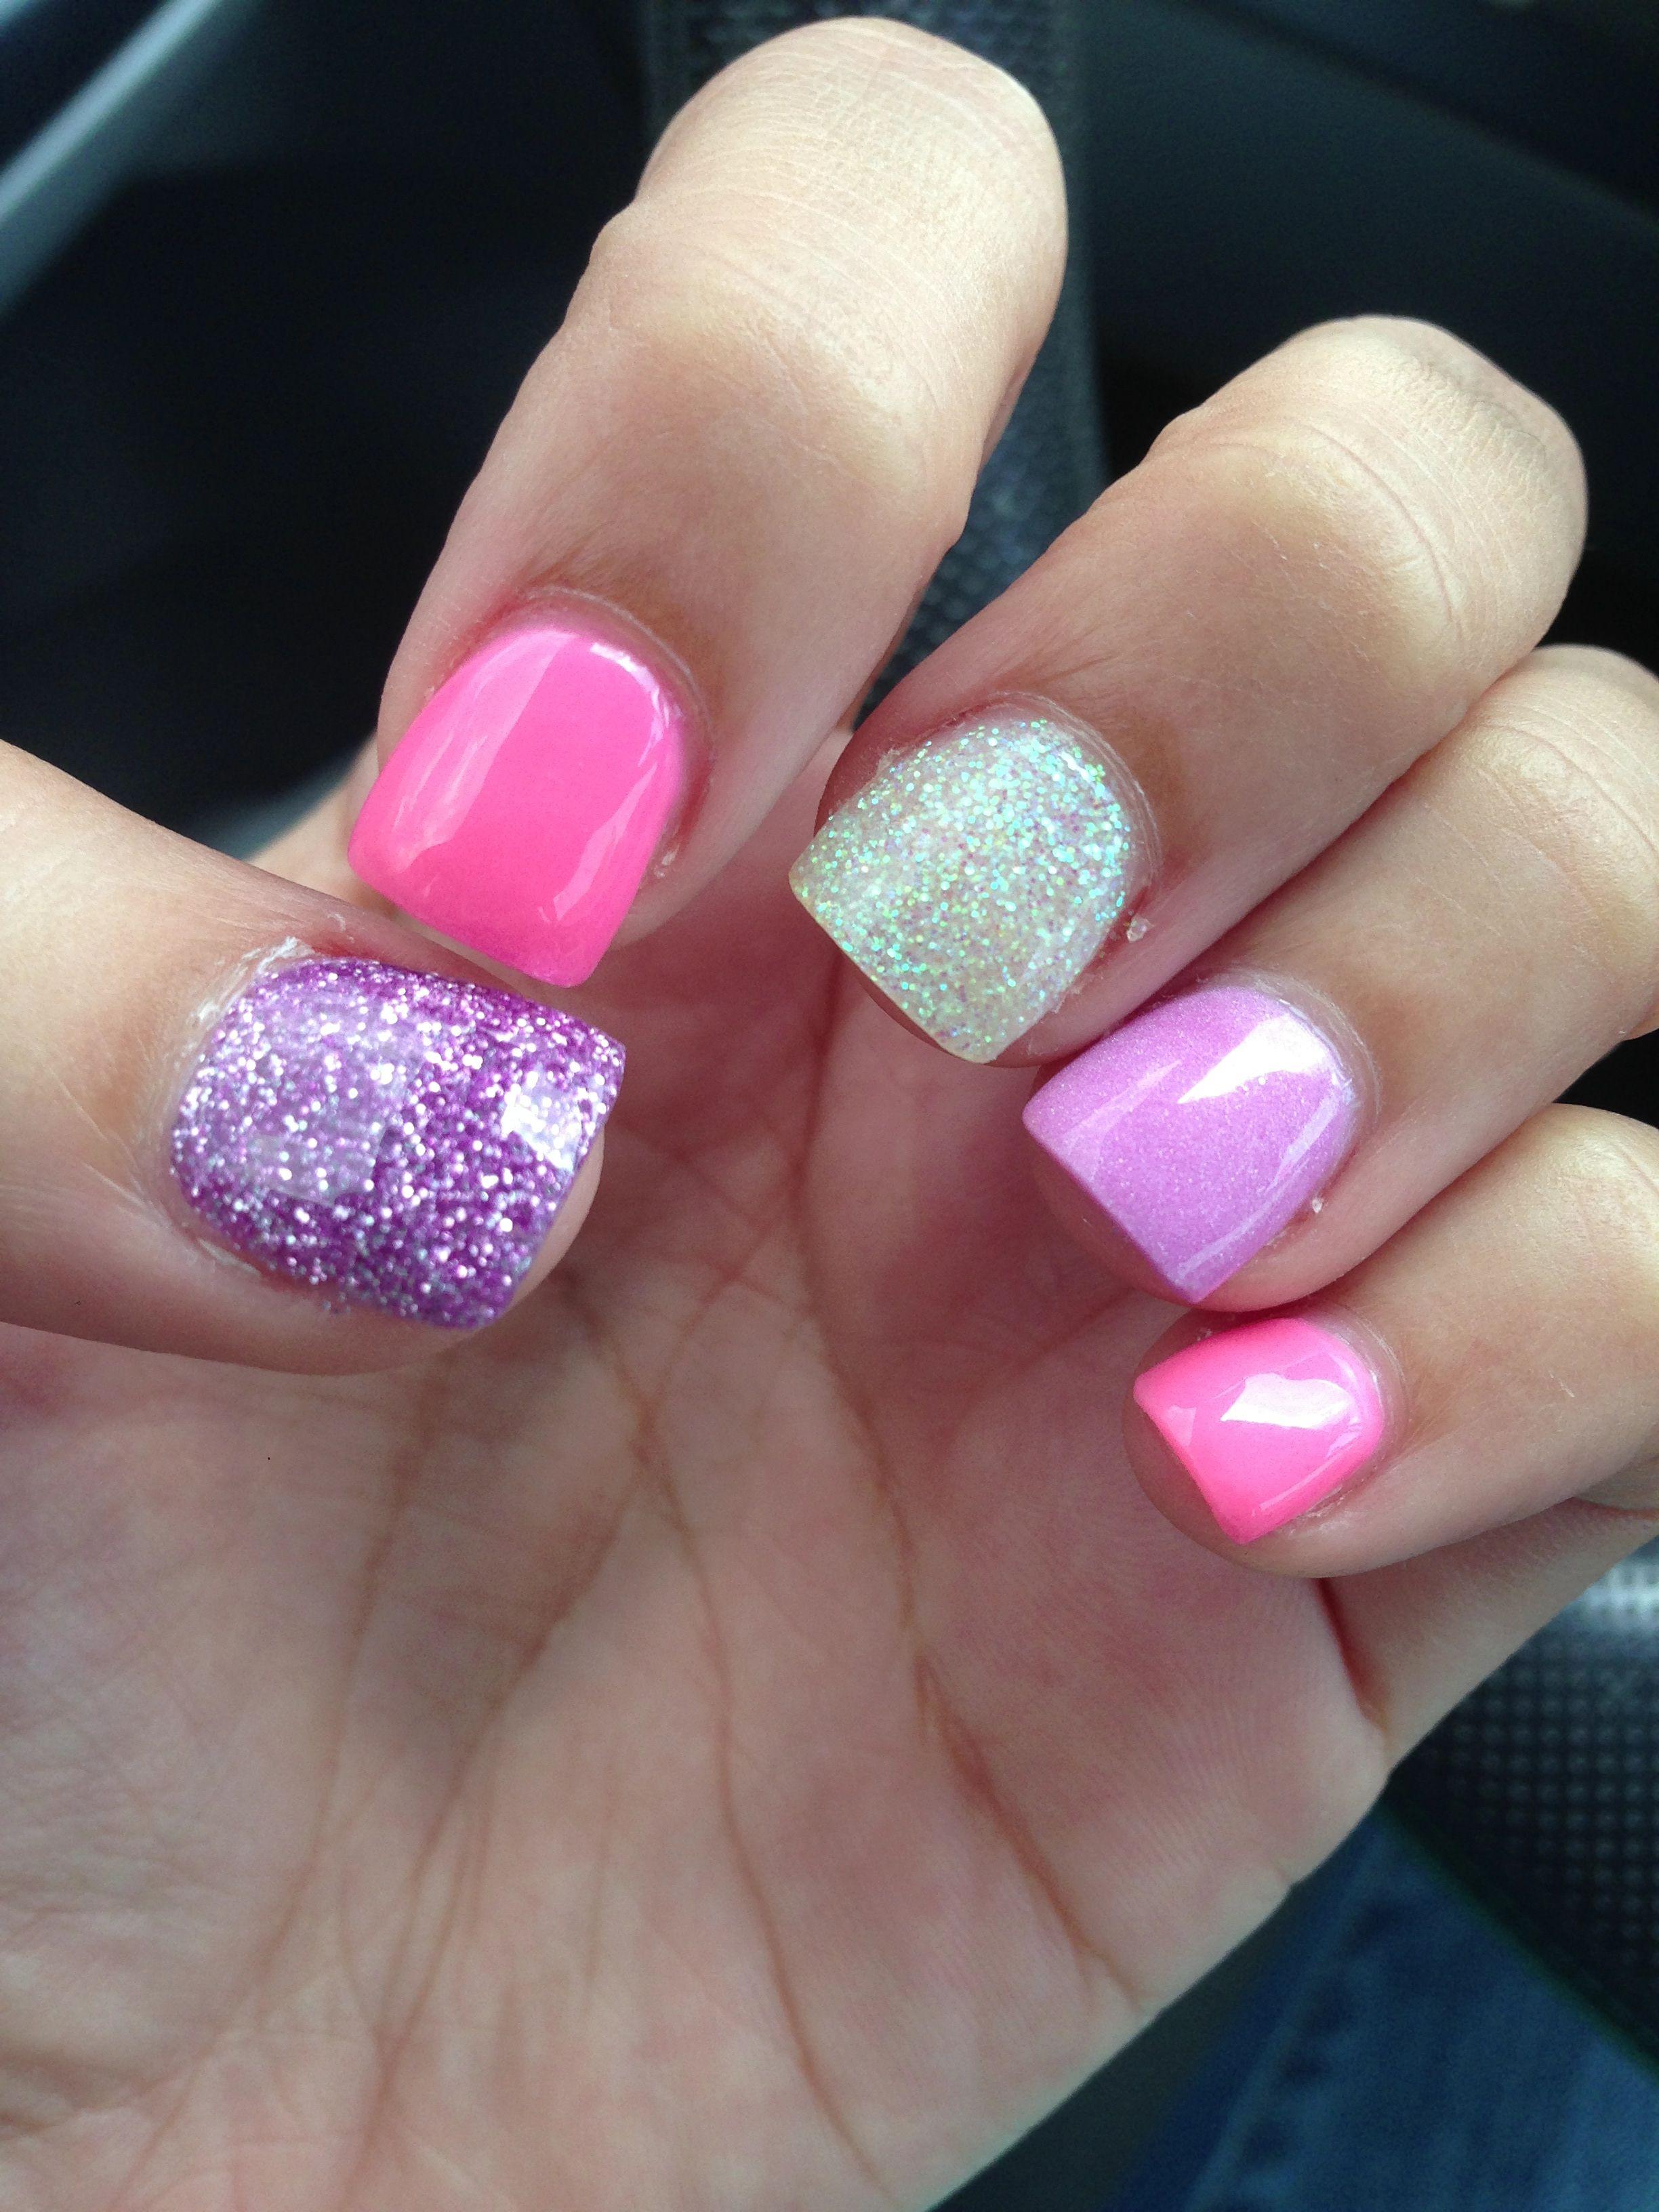 Nails different colors - #nails #nail art #nail #nail polish #nail ...